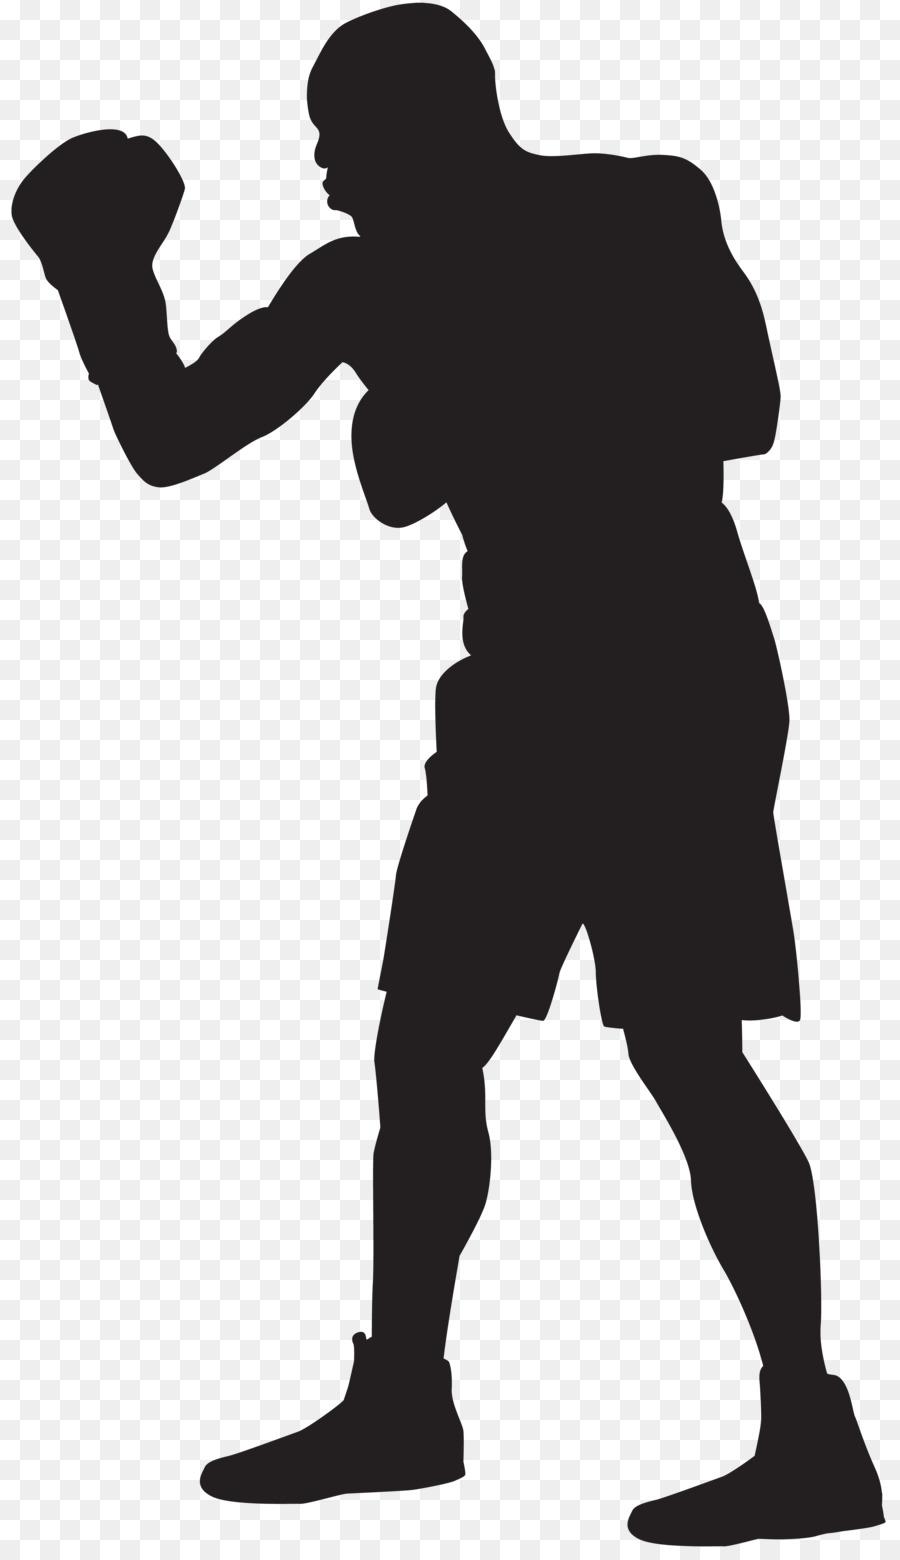 Boxer clipart boxercise. Silhouette clip art boxing